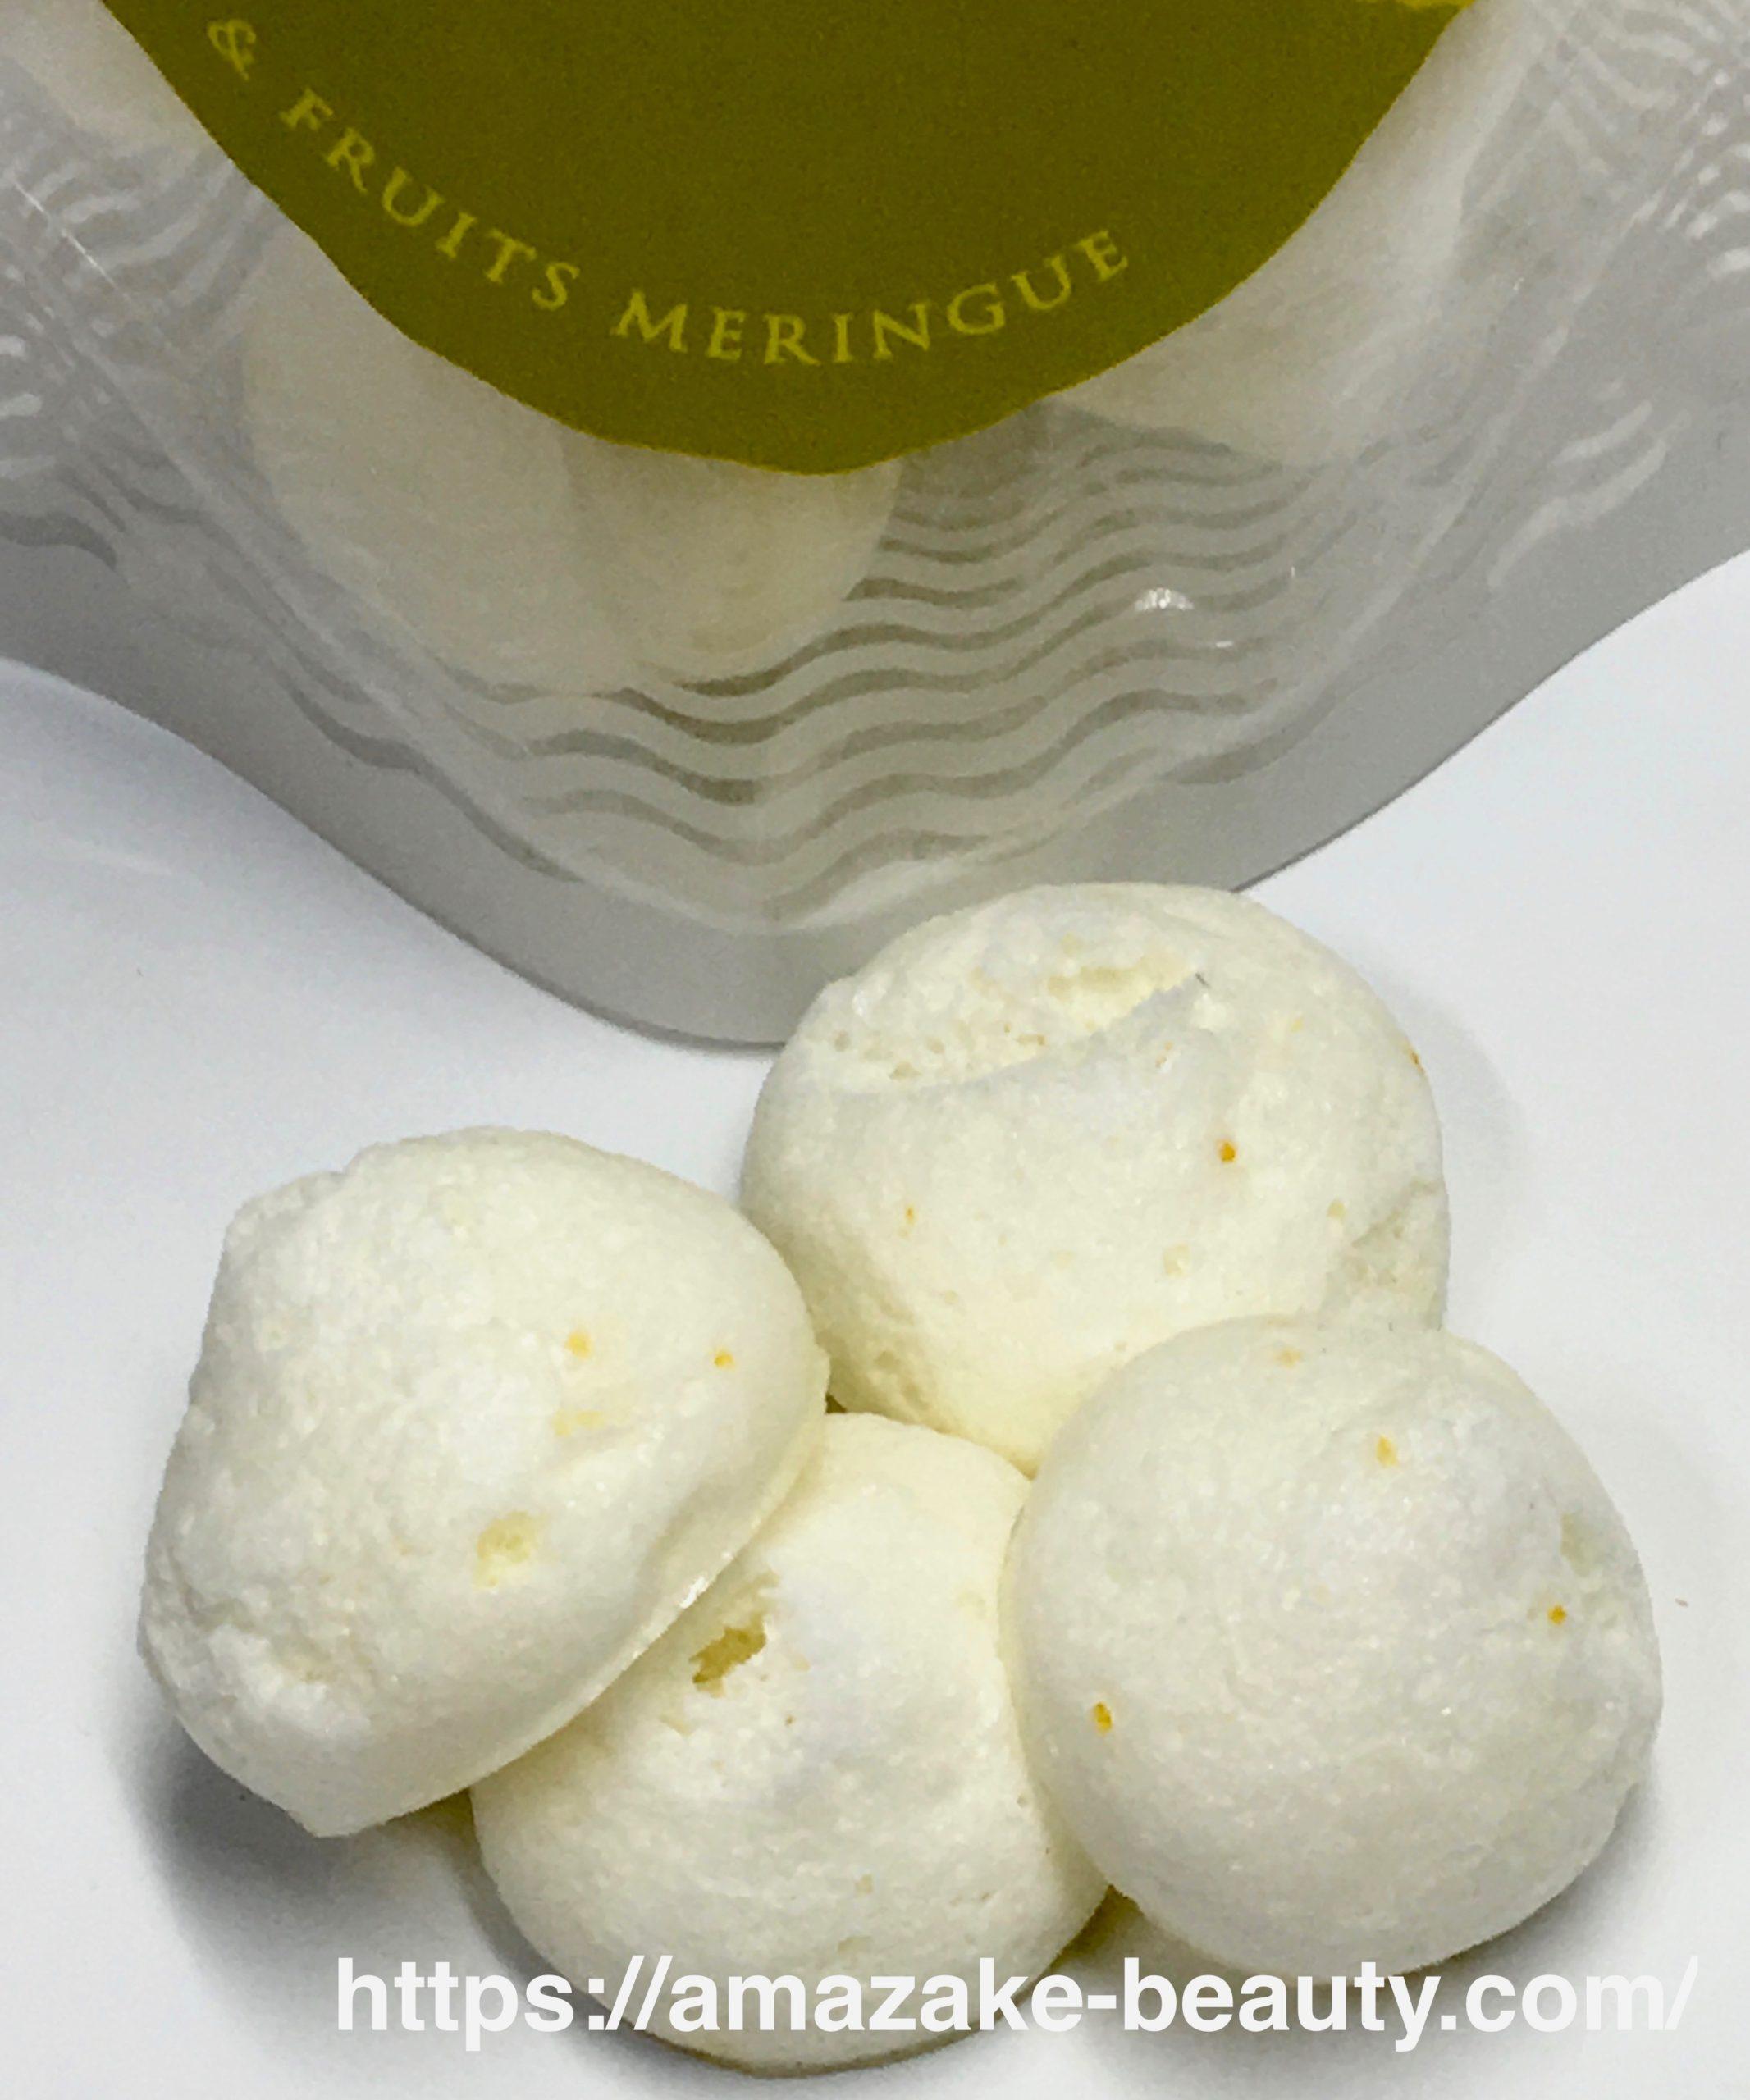 【甘酒甘味】古町糀製造所『米糀と果実のメレンゲ(ゆず)』(食べた感想)